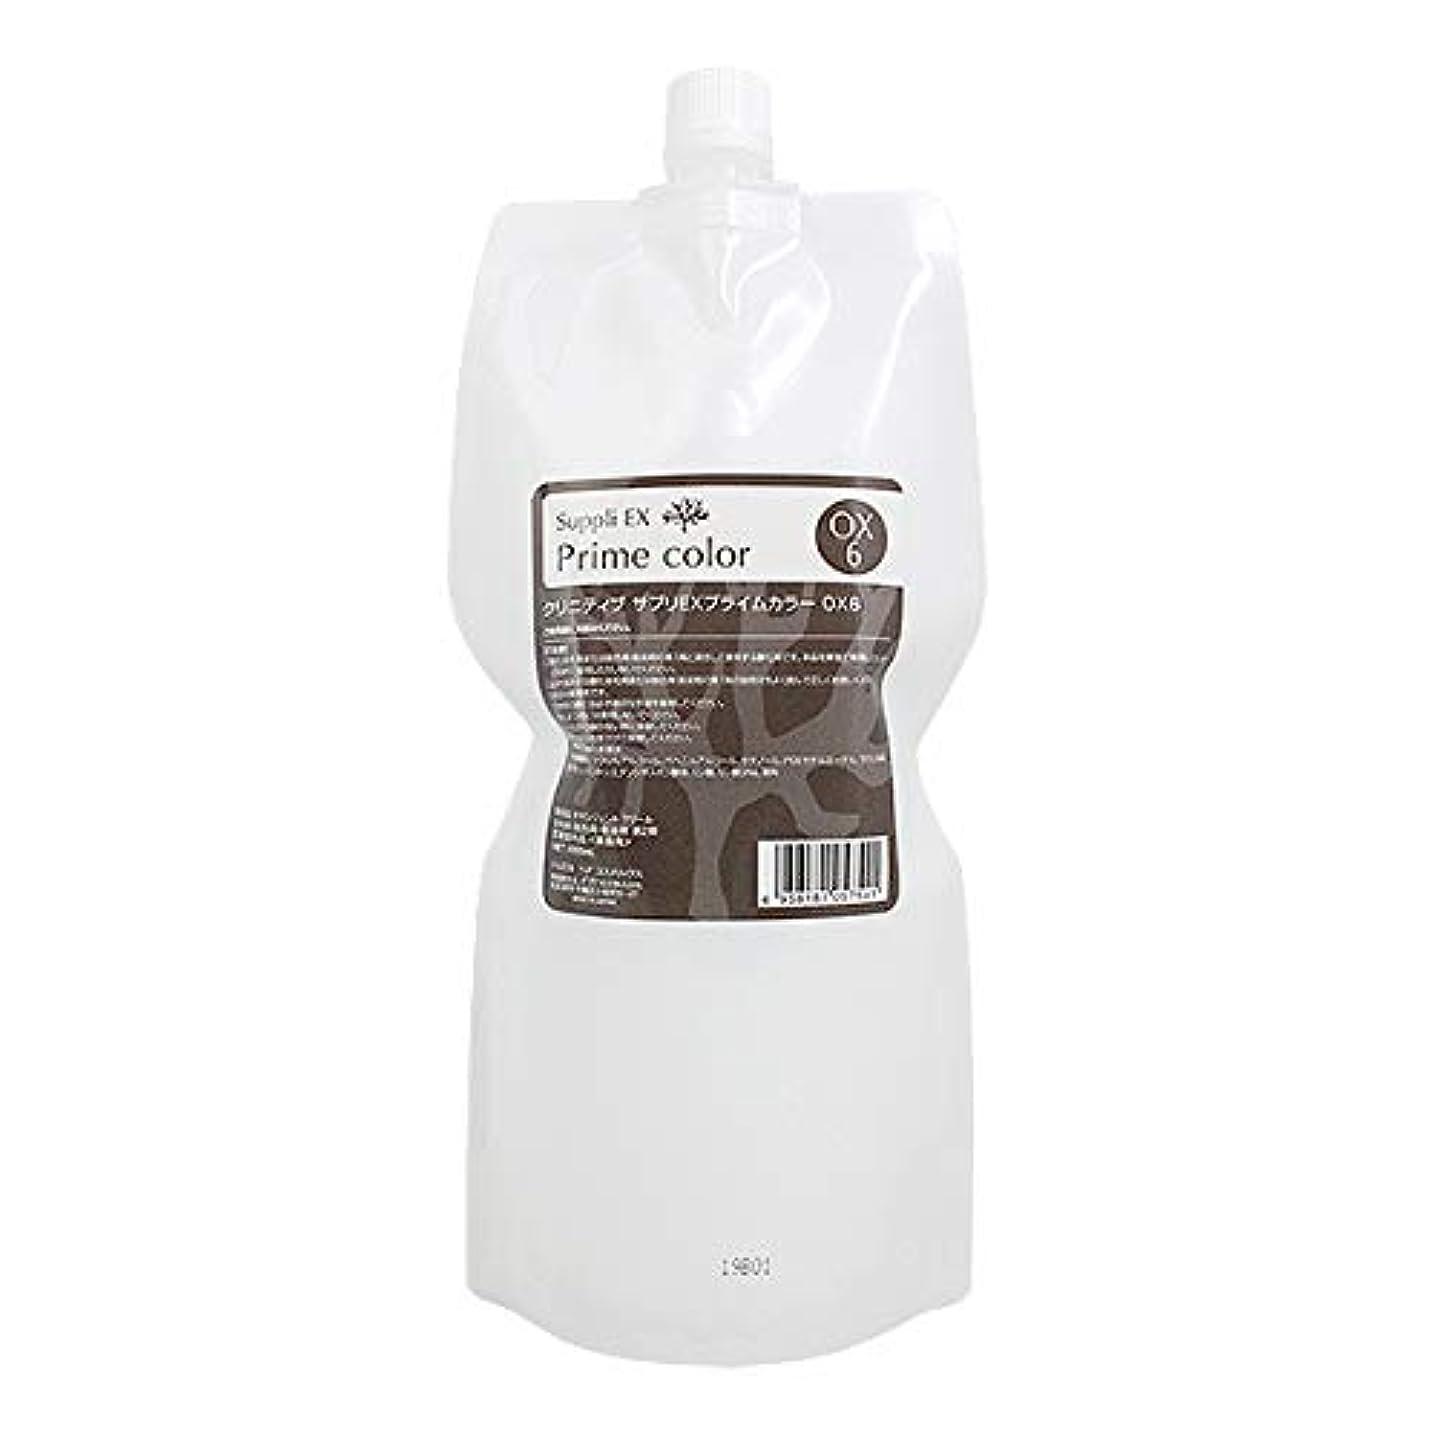 ジャベスウィルソン永遠の裁判官イリヤ化学 クリニティブ サプリEXプライムカラー アテンド(染毛補助クリーム) 300g